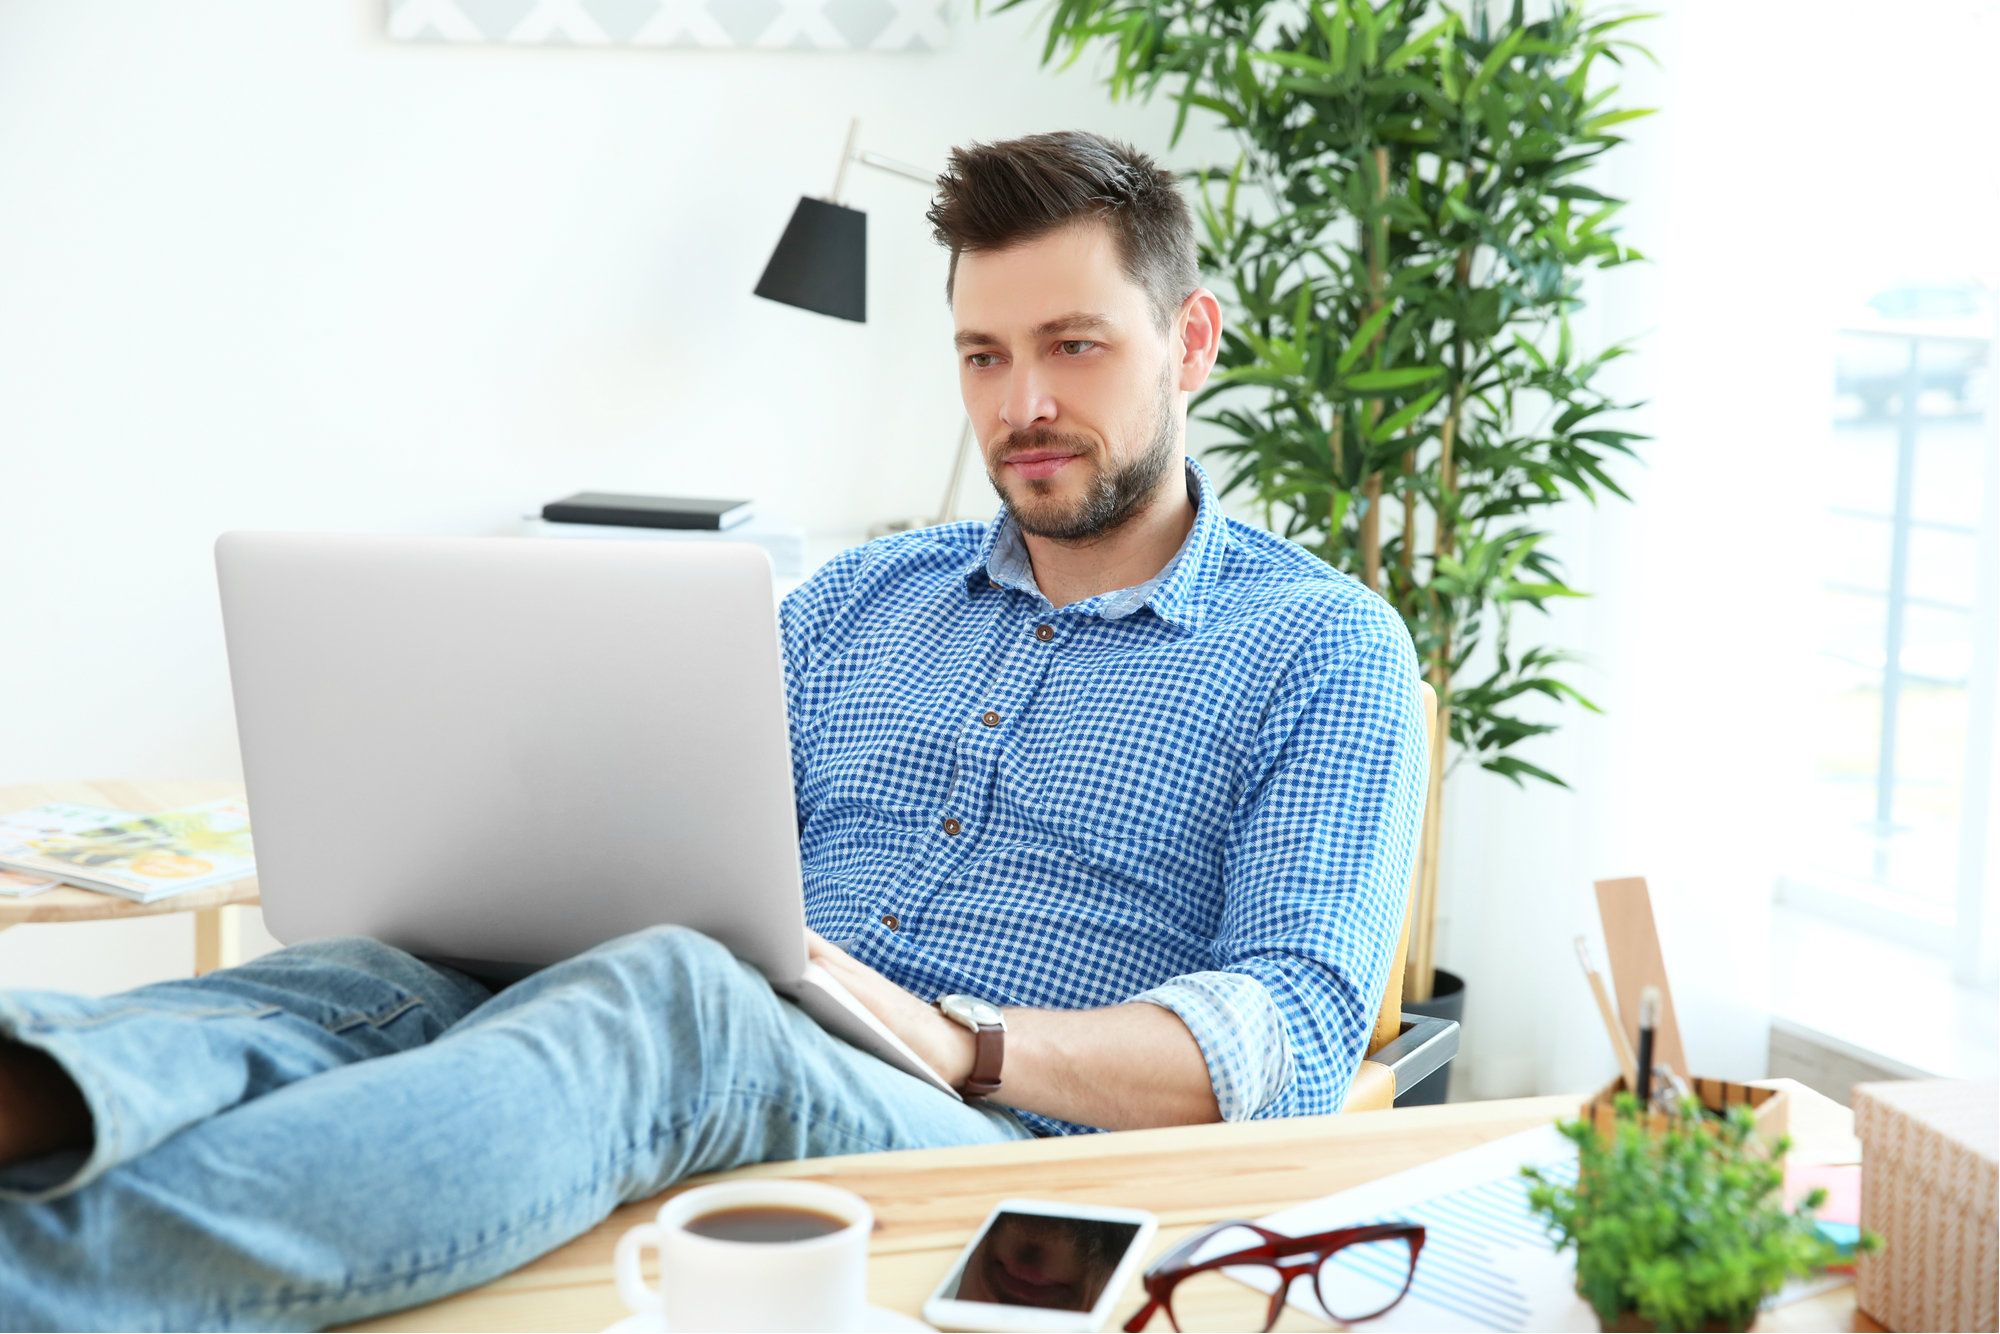 oportunidades para quem quer trabalhar em casa e empreender sozinho